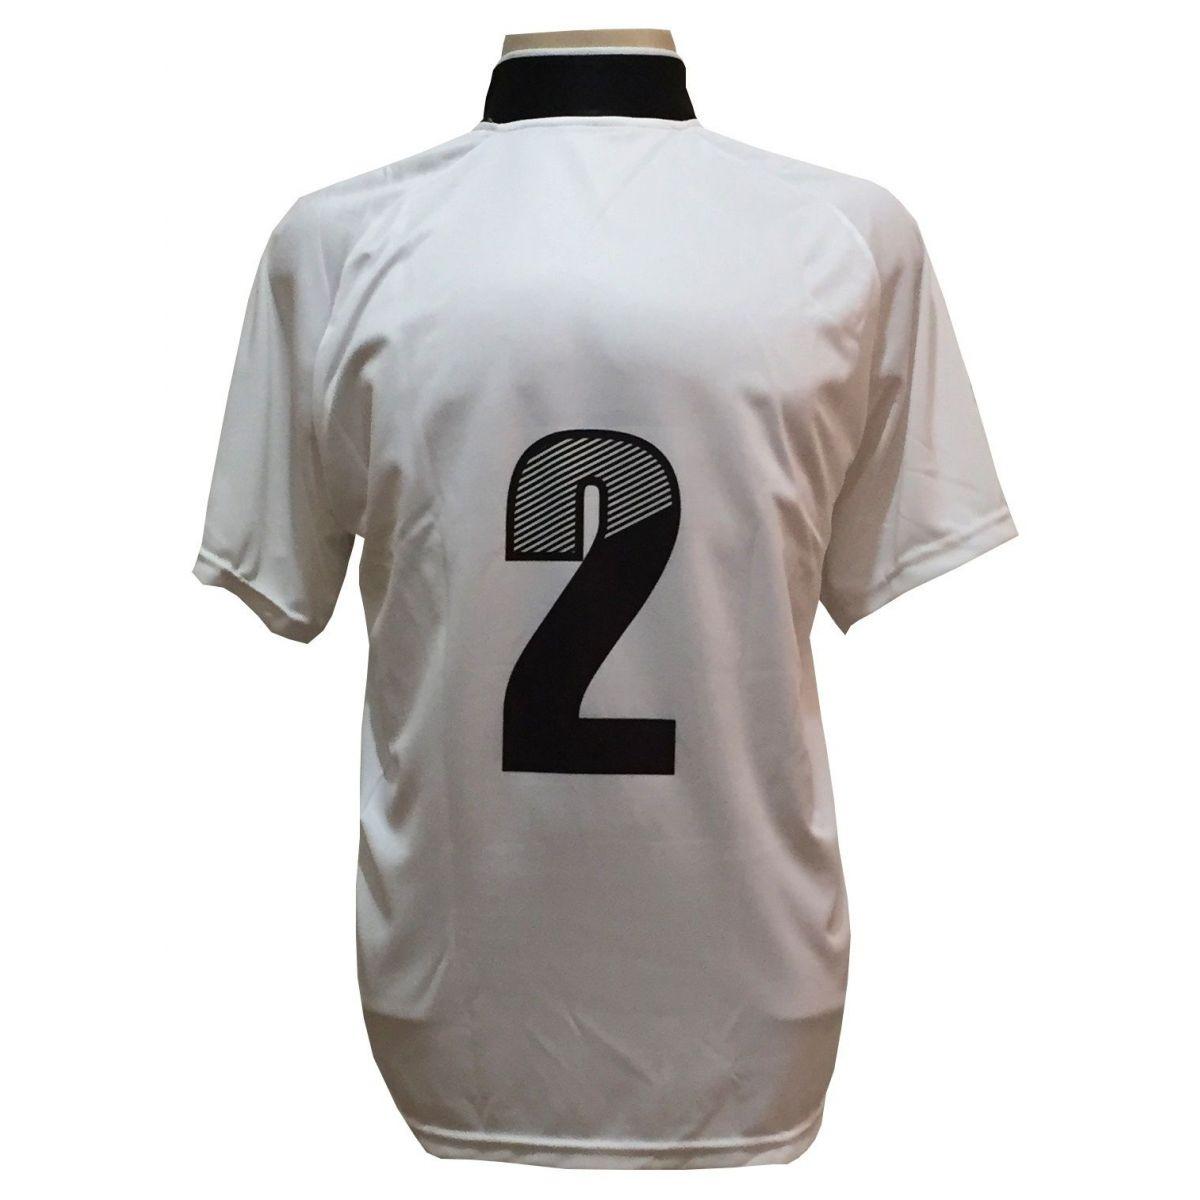 Uniforme Esportivo com 18 Camisas modelo Milan Branco/Preto + 18 Calções modelo Madrid Preto   - ESTAÇÃO DO ESPORTE